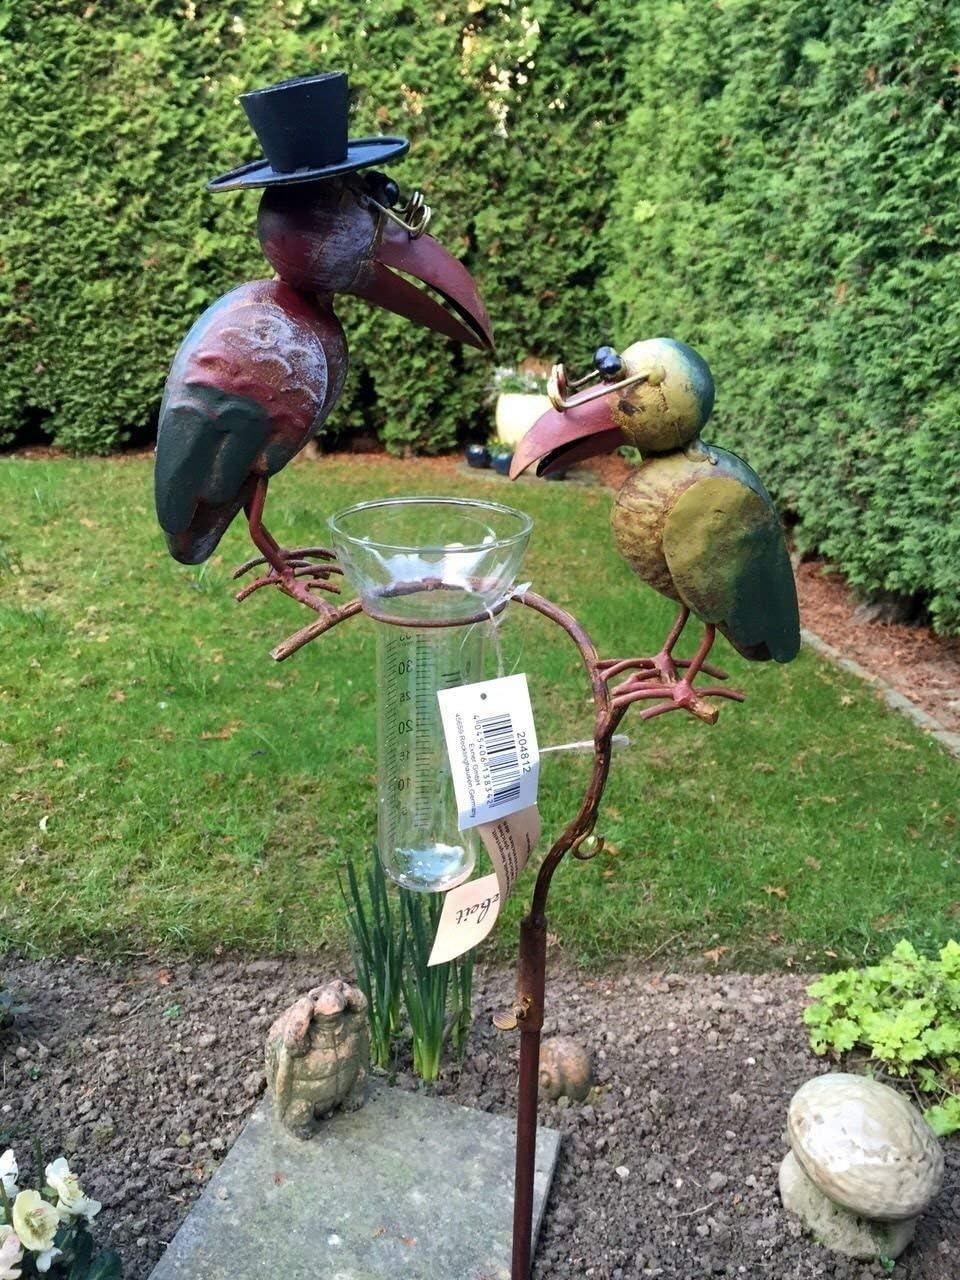 Conector de jardín Pluviómetro ° ° Cuervo ° ° Cristal de metal pájaro ° ° Multicolor ° H 136 cm °: Amazon.es: Jardín